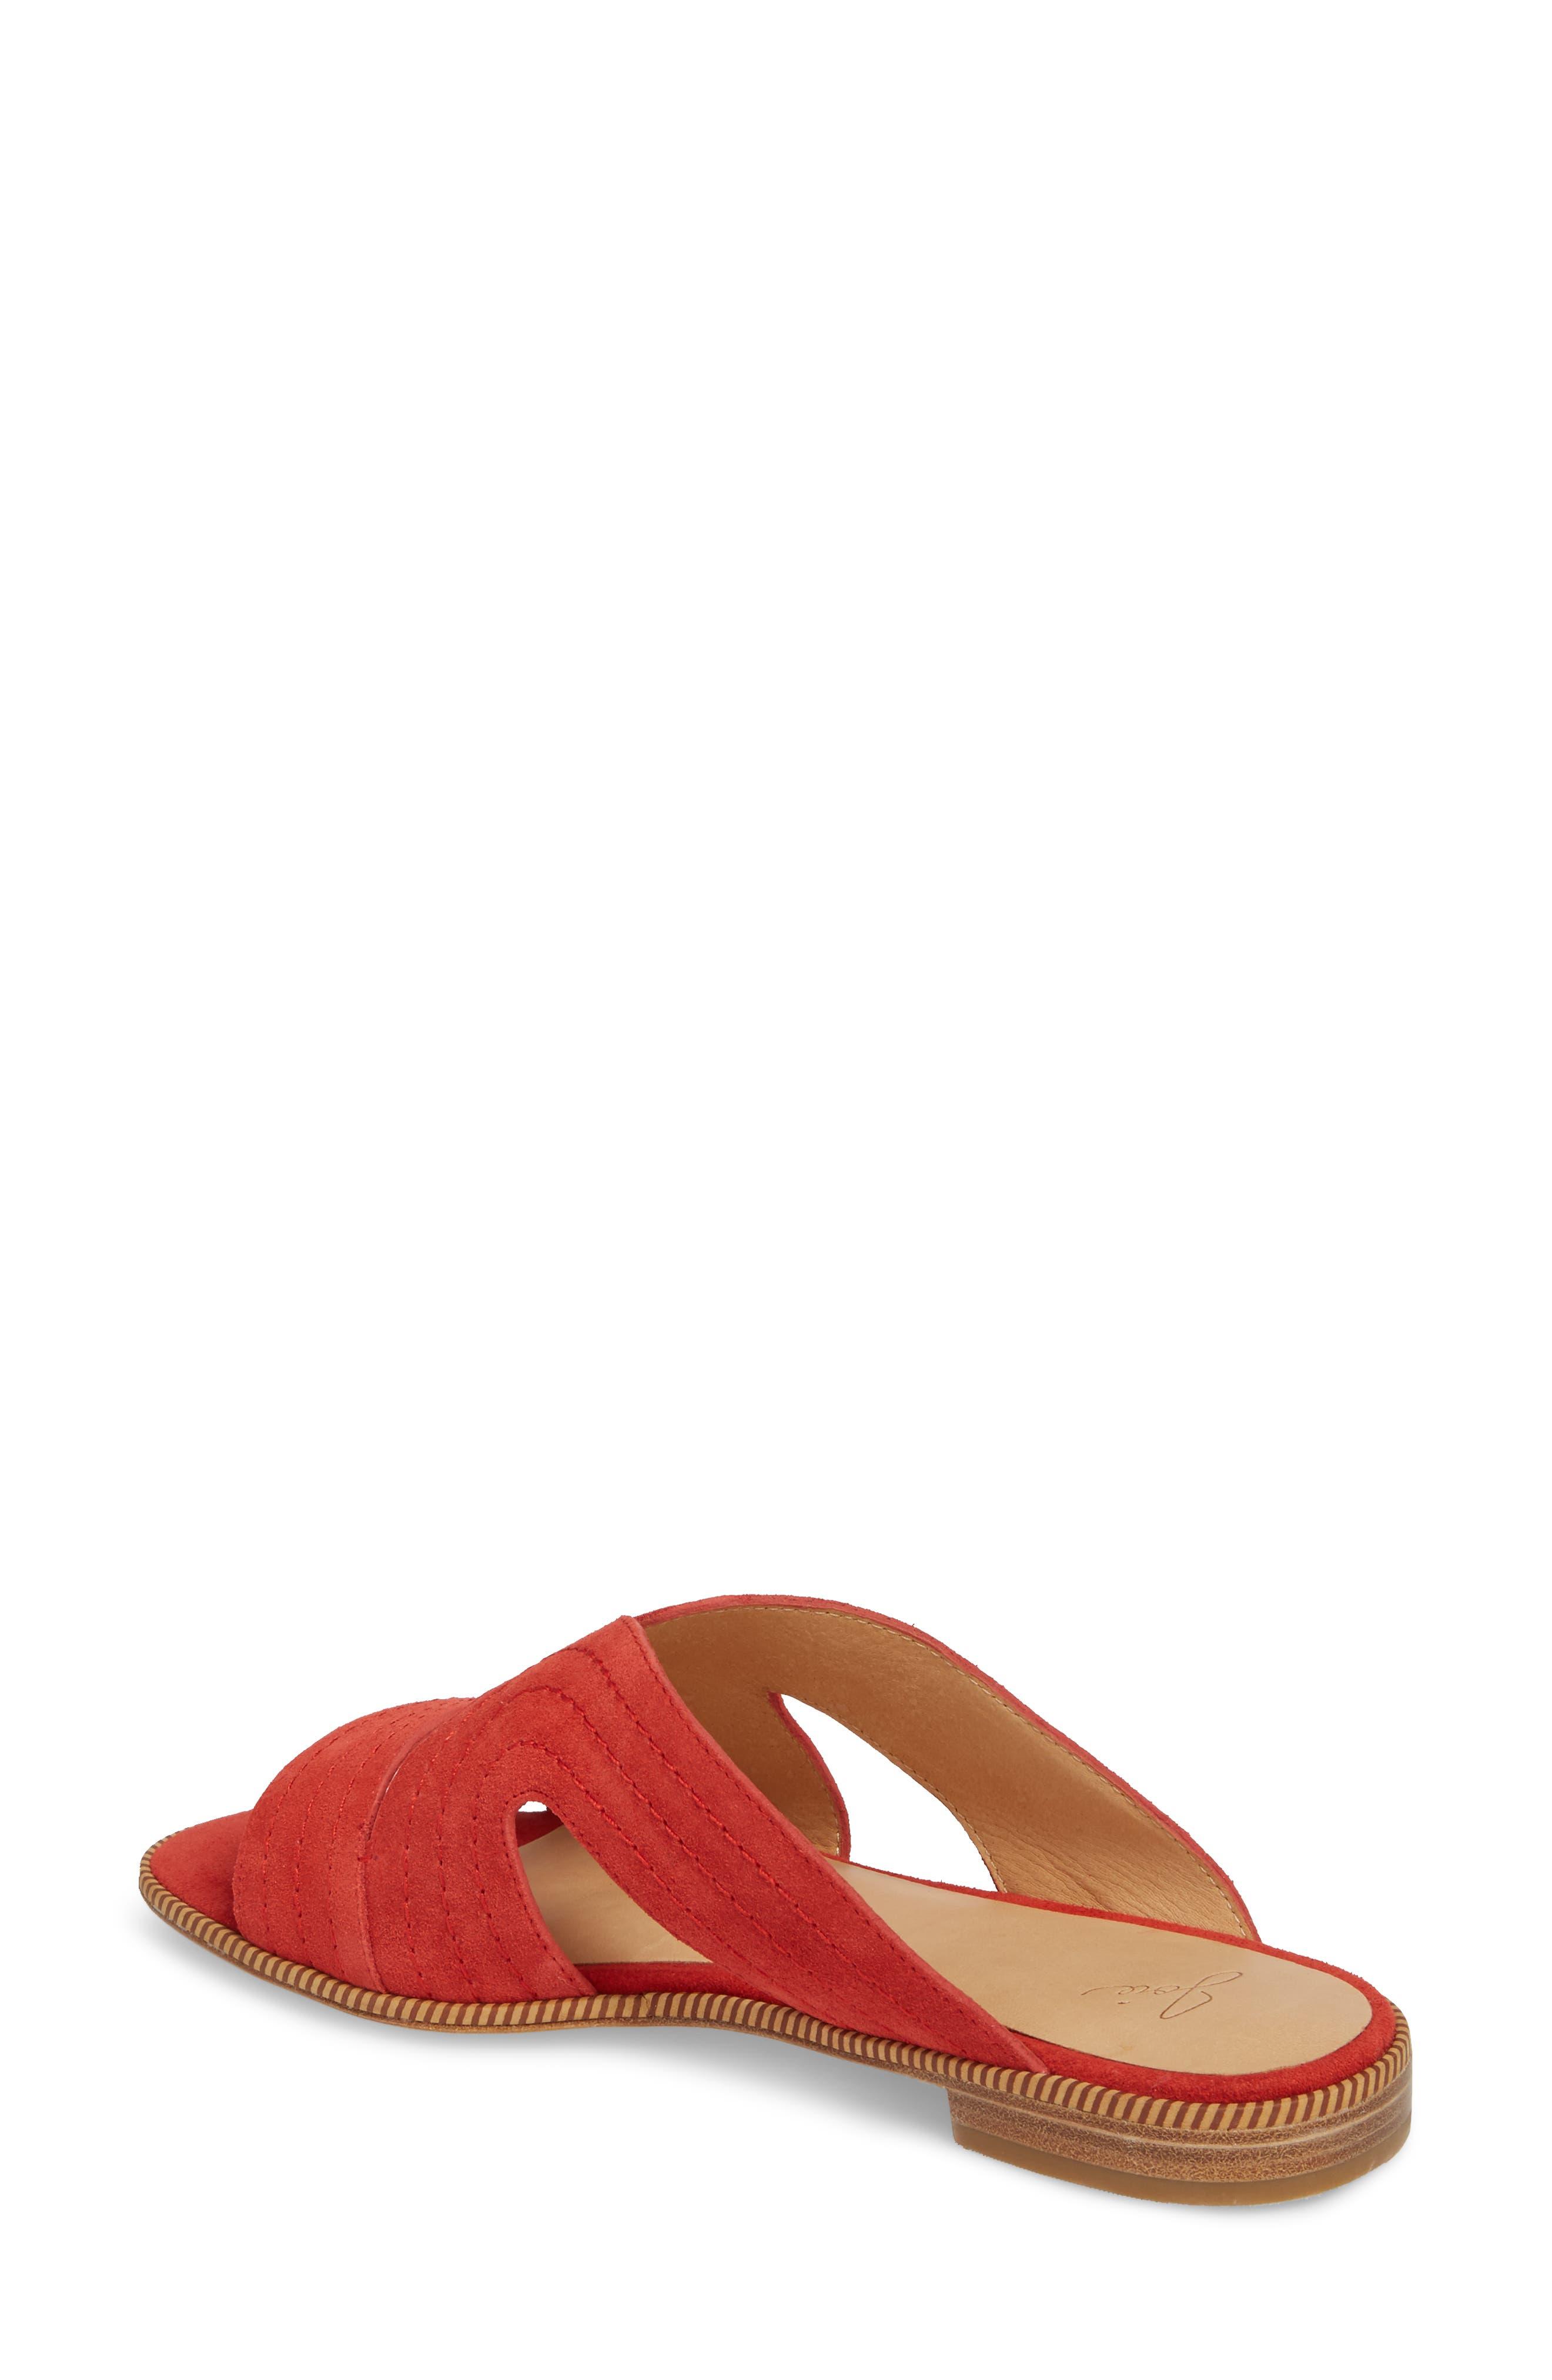 Paetyn Slide Sandal,                             Alternate thumbnail 2, color,                             Red